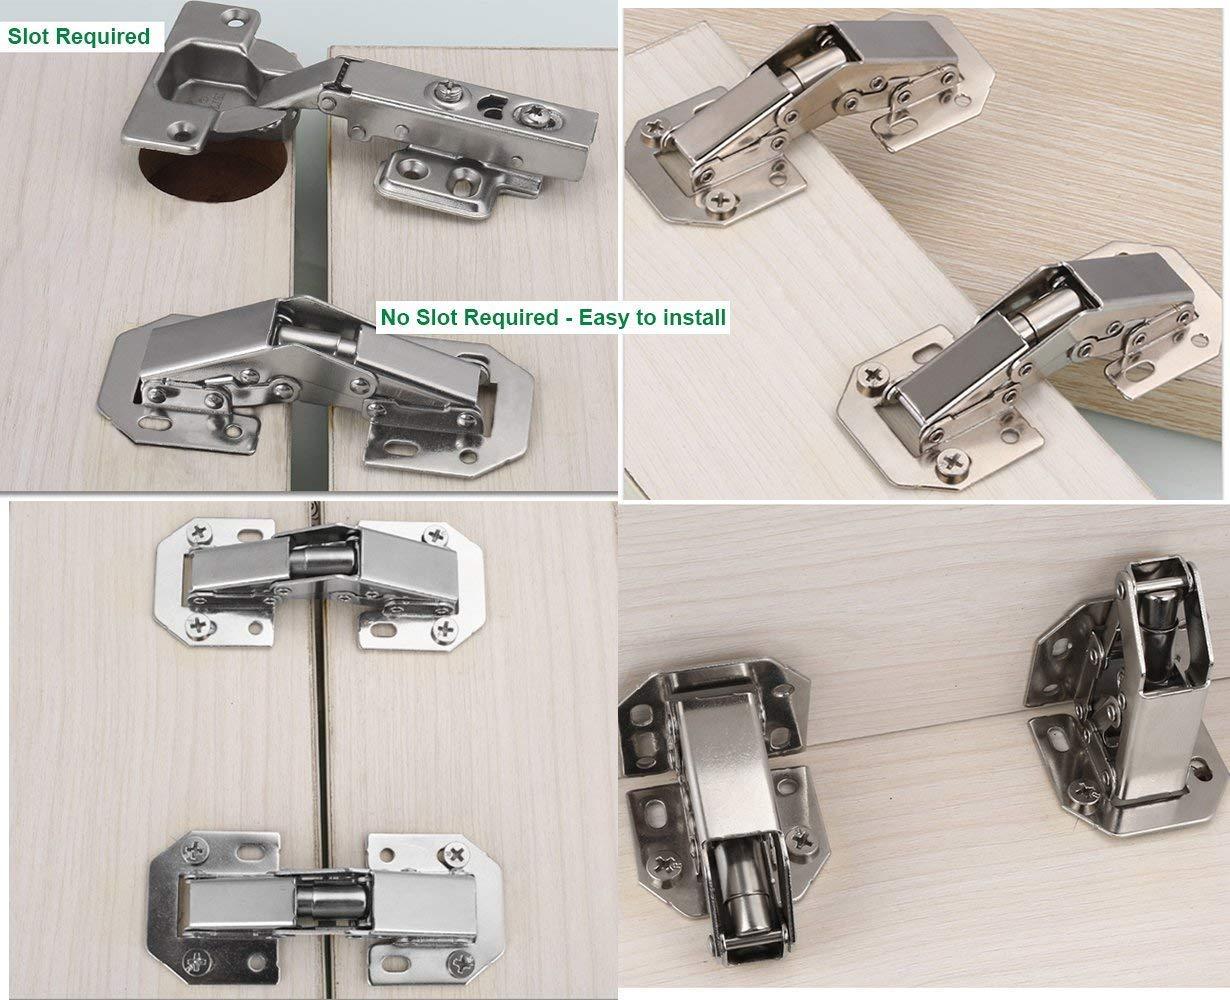 BESYZY 2 PCS Meuble Armoire Meuble Porte Ascenseur Support Charni/ère Charni/ère Porte Placard Meubles Placard Couvercle Flap Restez Tampon Amortisseur R/églable